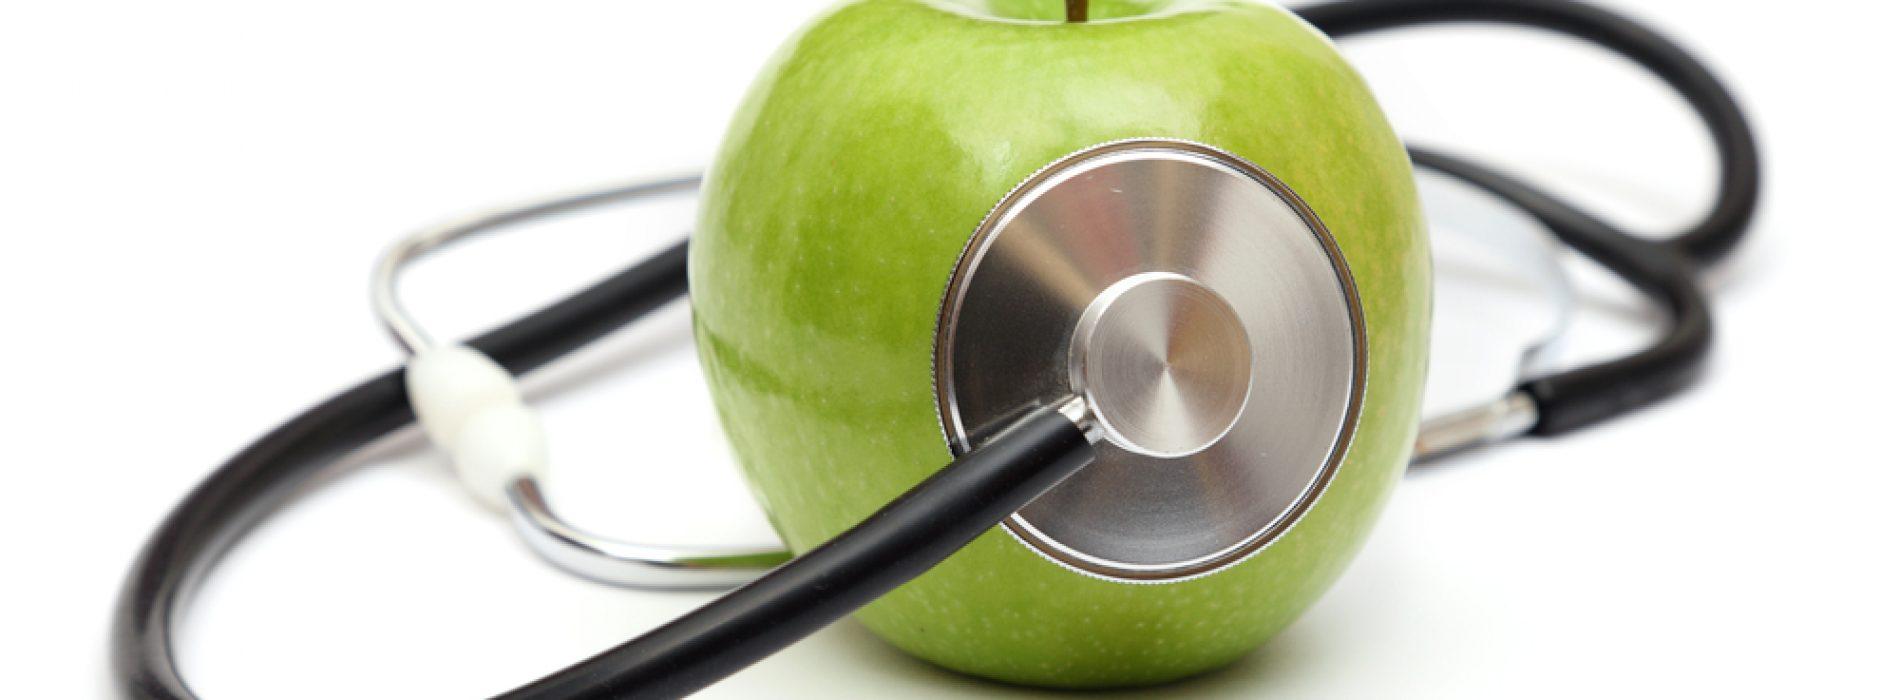 Het eten van appels en ander voedsel dat rijk is aan flavonoïden verlaagt het risico op kanker en hartaandoeningen, constateren onderzoekers